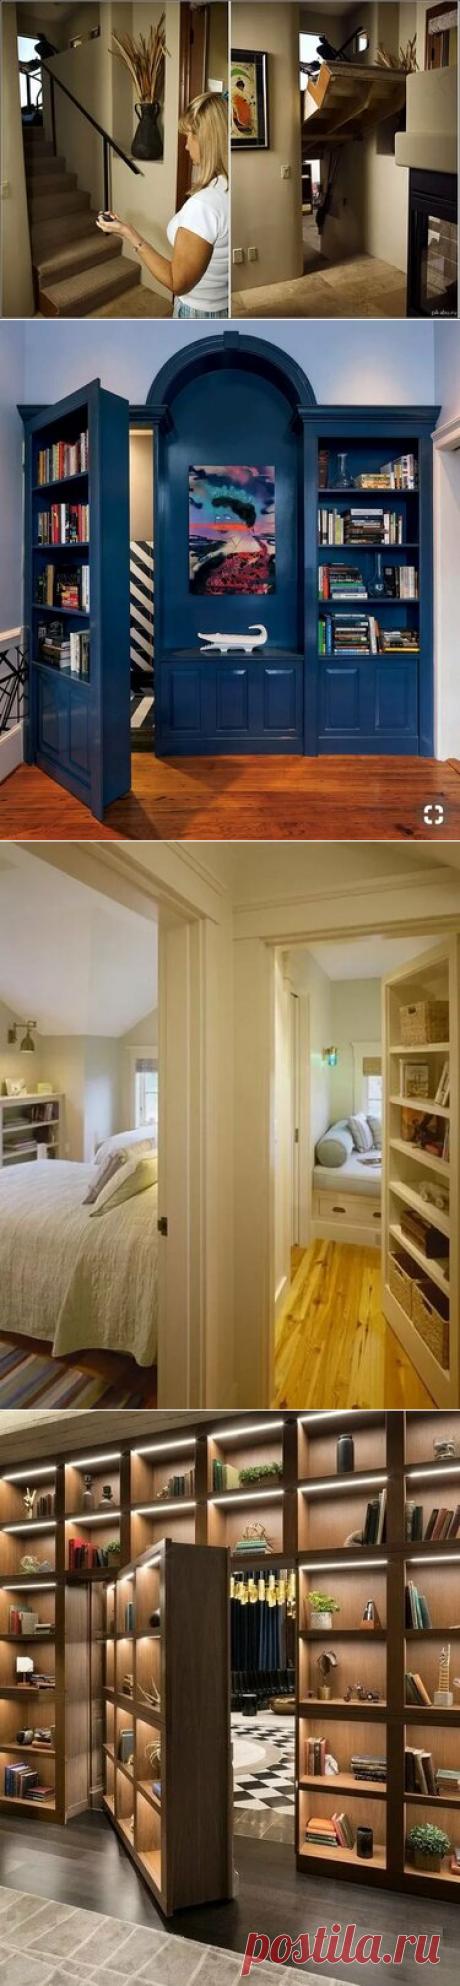 35 карточек в коллекции «Потайные комнаты в доме» пользователя Татьяна Е. в Яндекс.Коллекциях